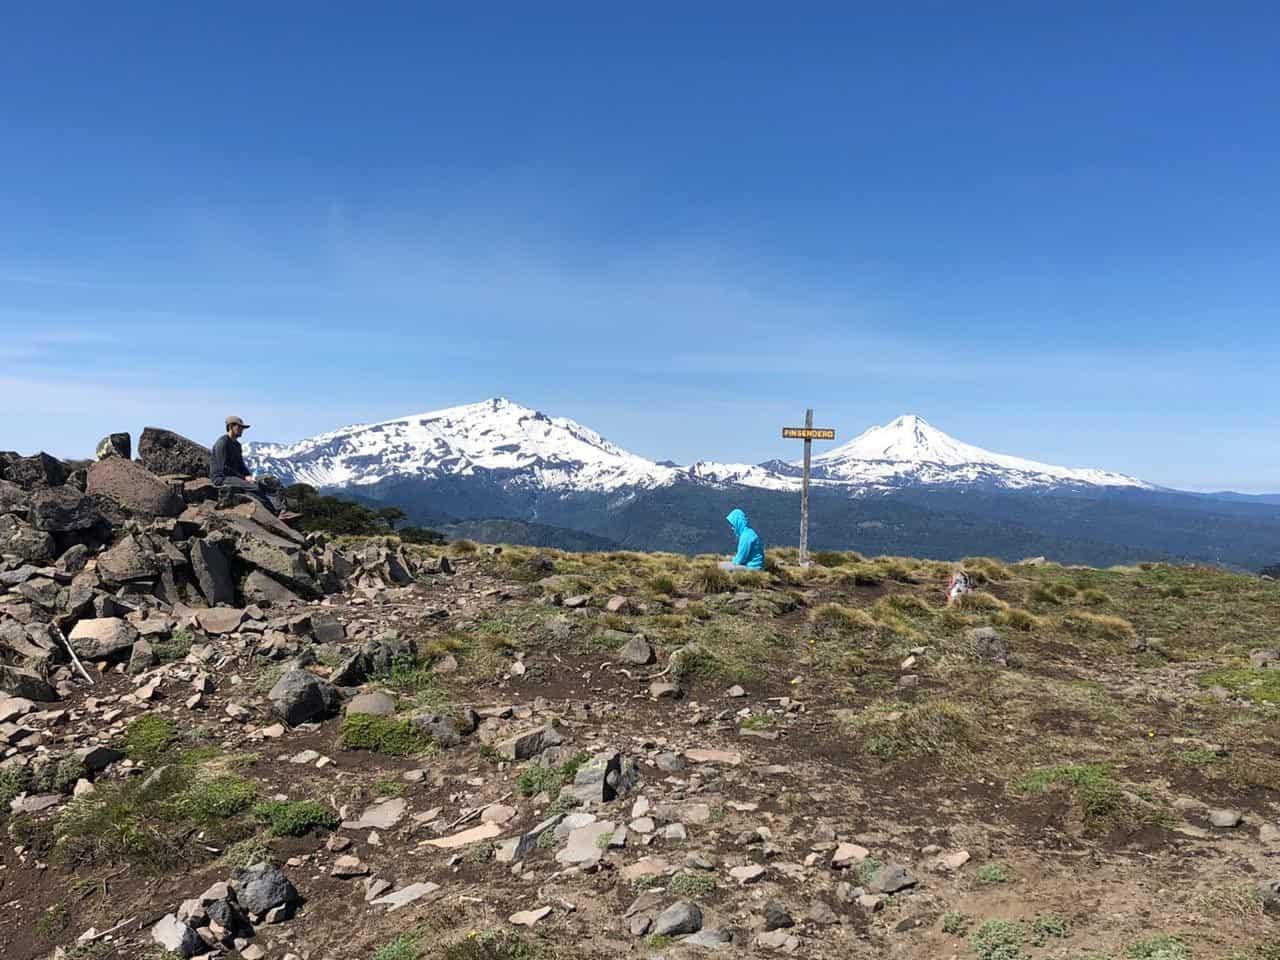 Day 3 Cerro Coloradito Hike